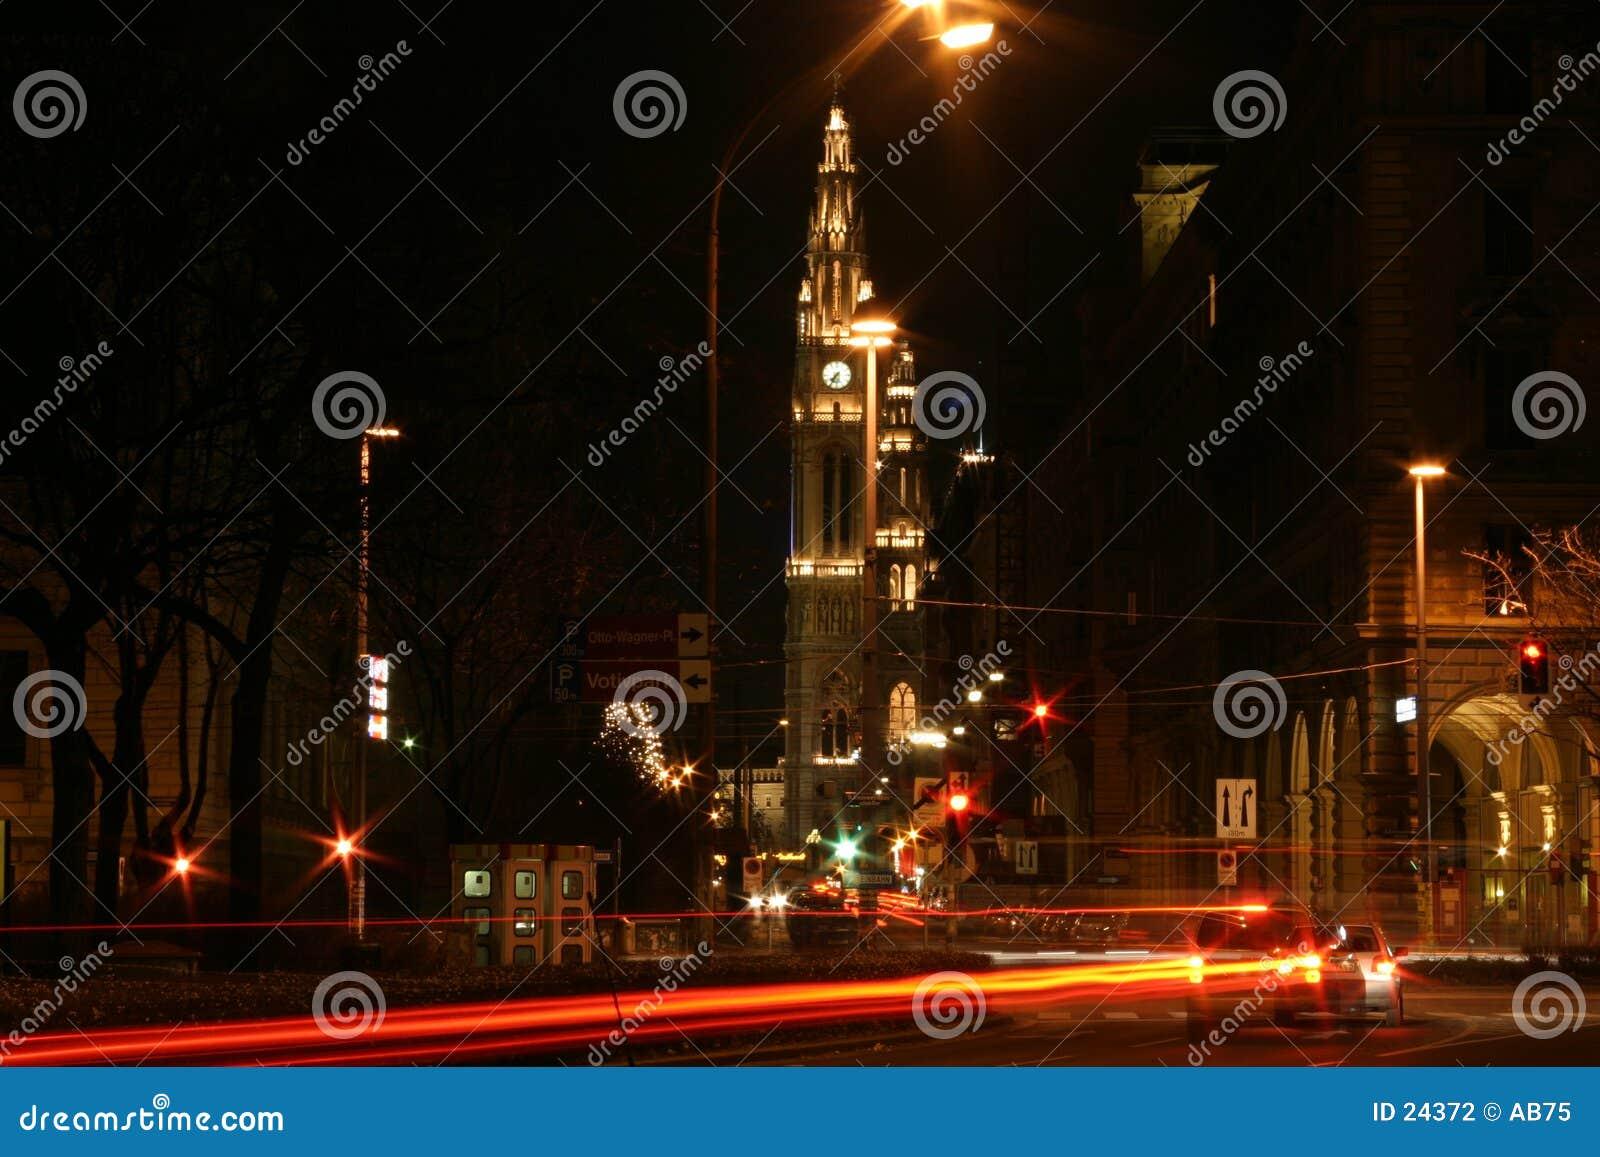 Night City Vienna